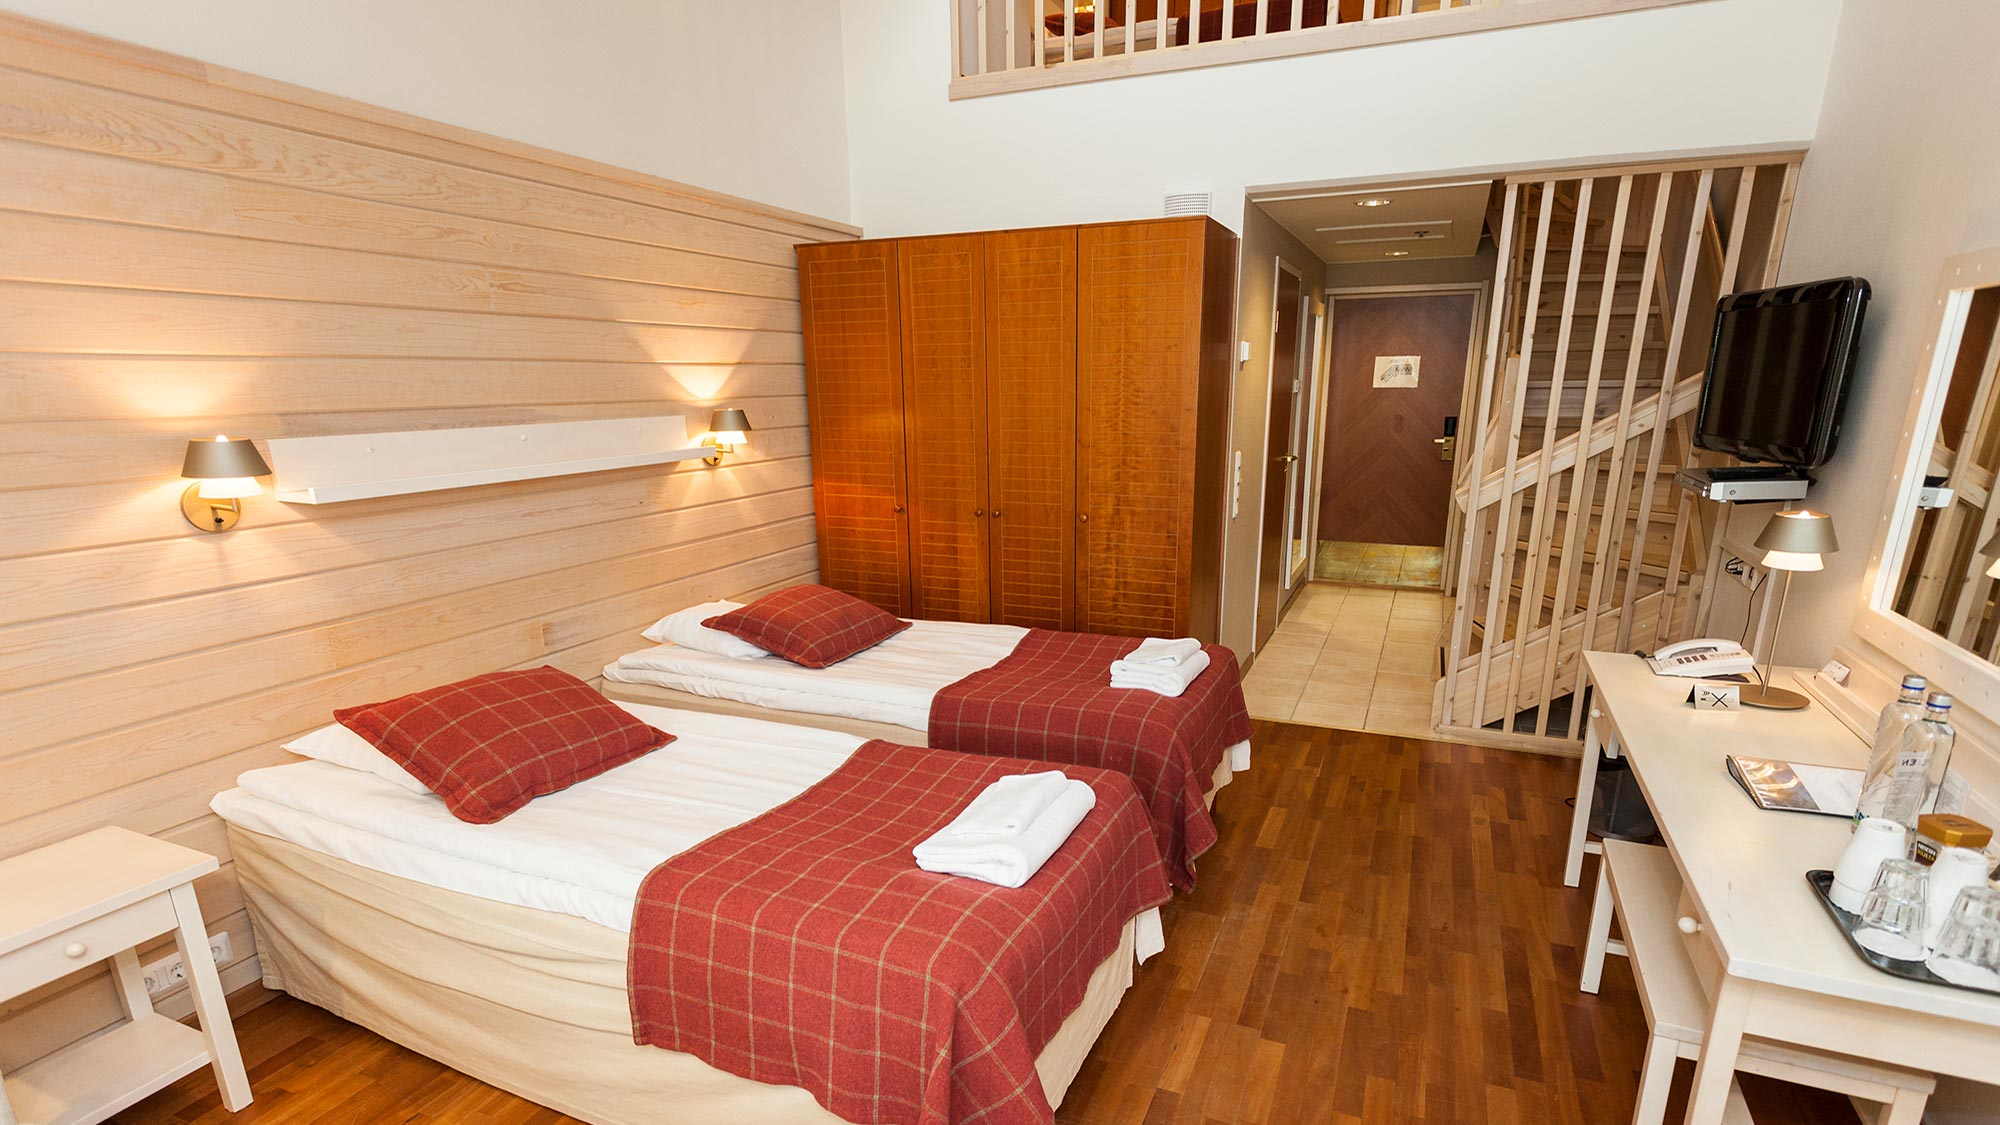 Lämpimin sävyin sisustettu Superior hotellihuone Hotel K5 Levillä majoittaa neljä vierasta kahdessa kerroksessa.